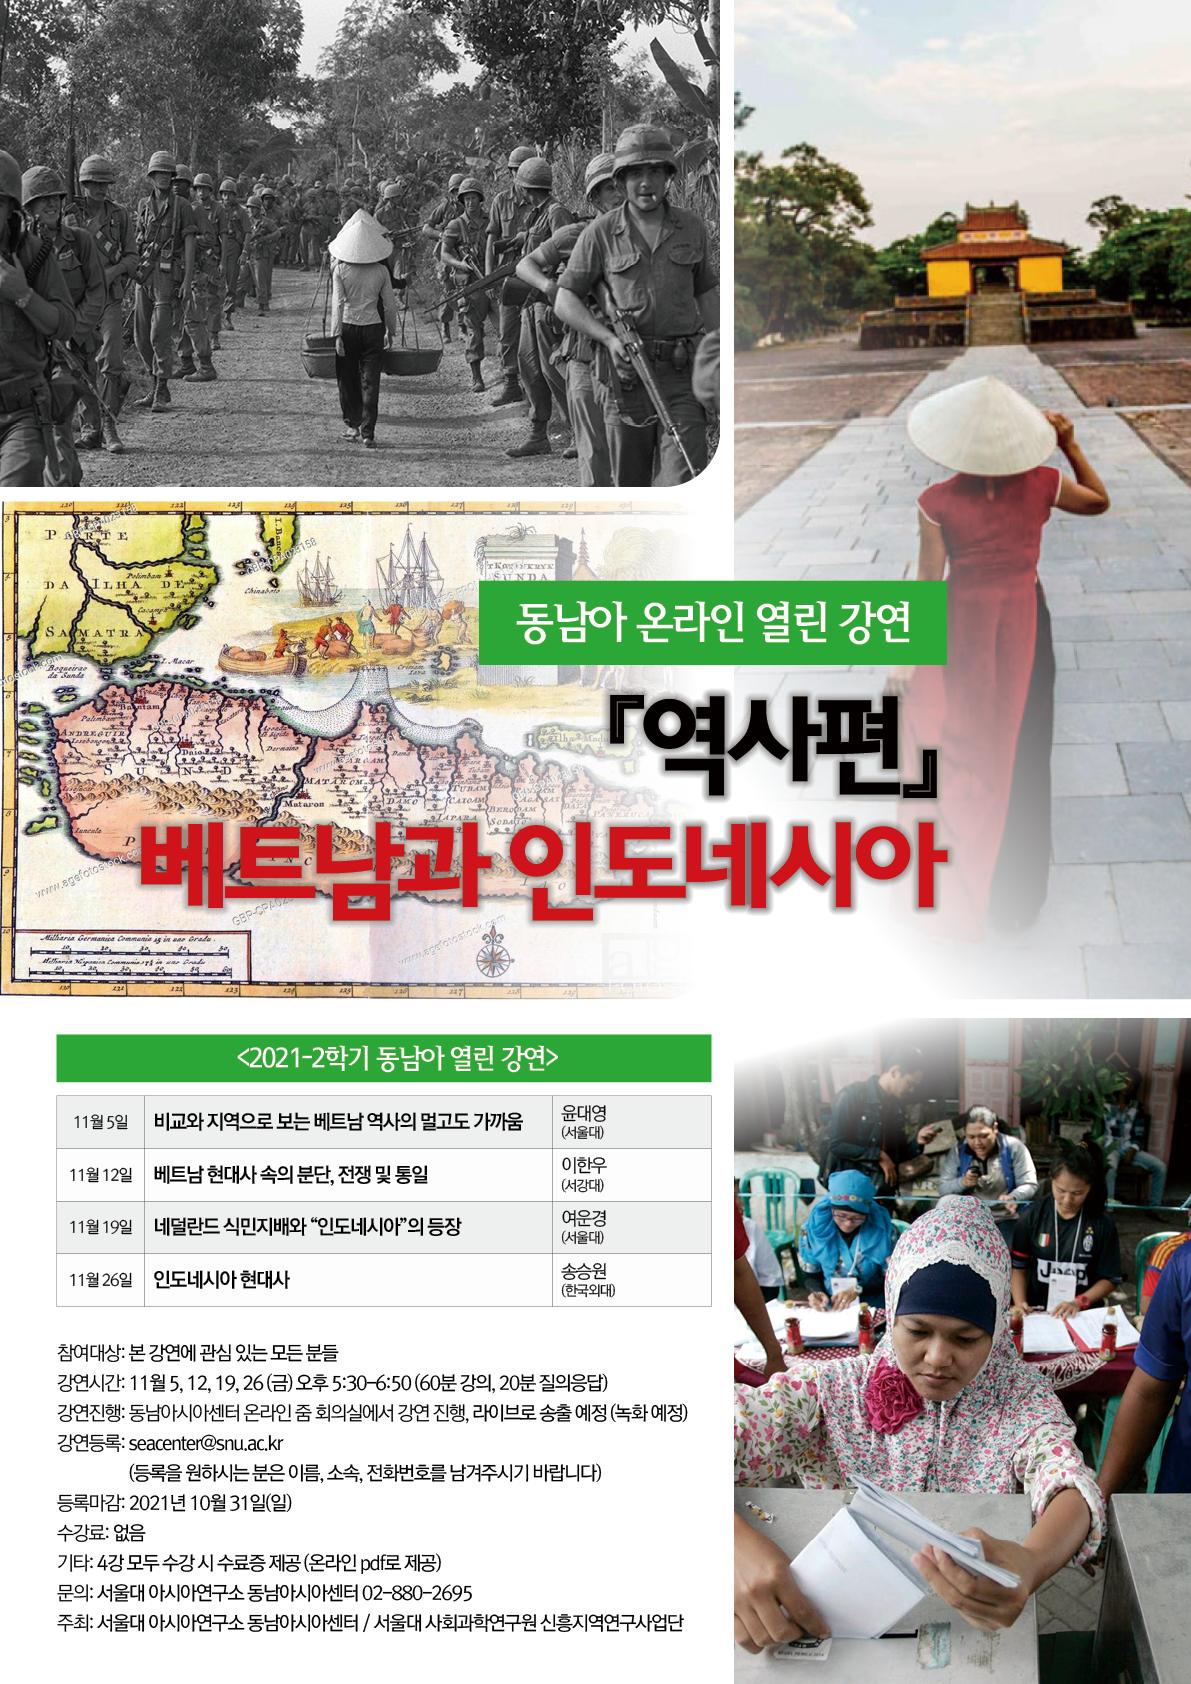 [공지] 2021년 2학기 동남아 열린 강연 『역사편』베트남과 인도네시아